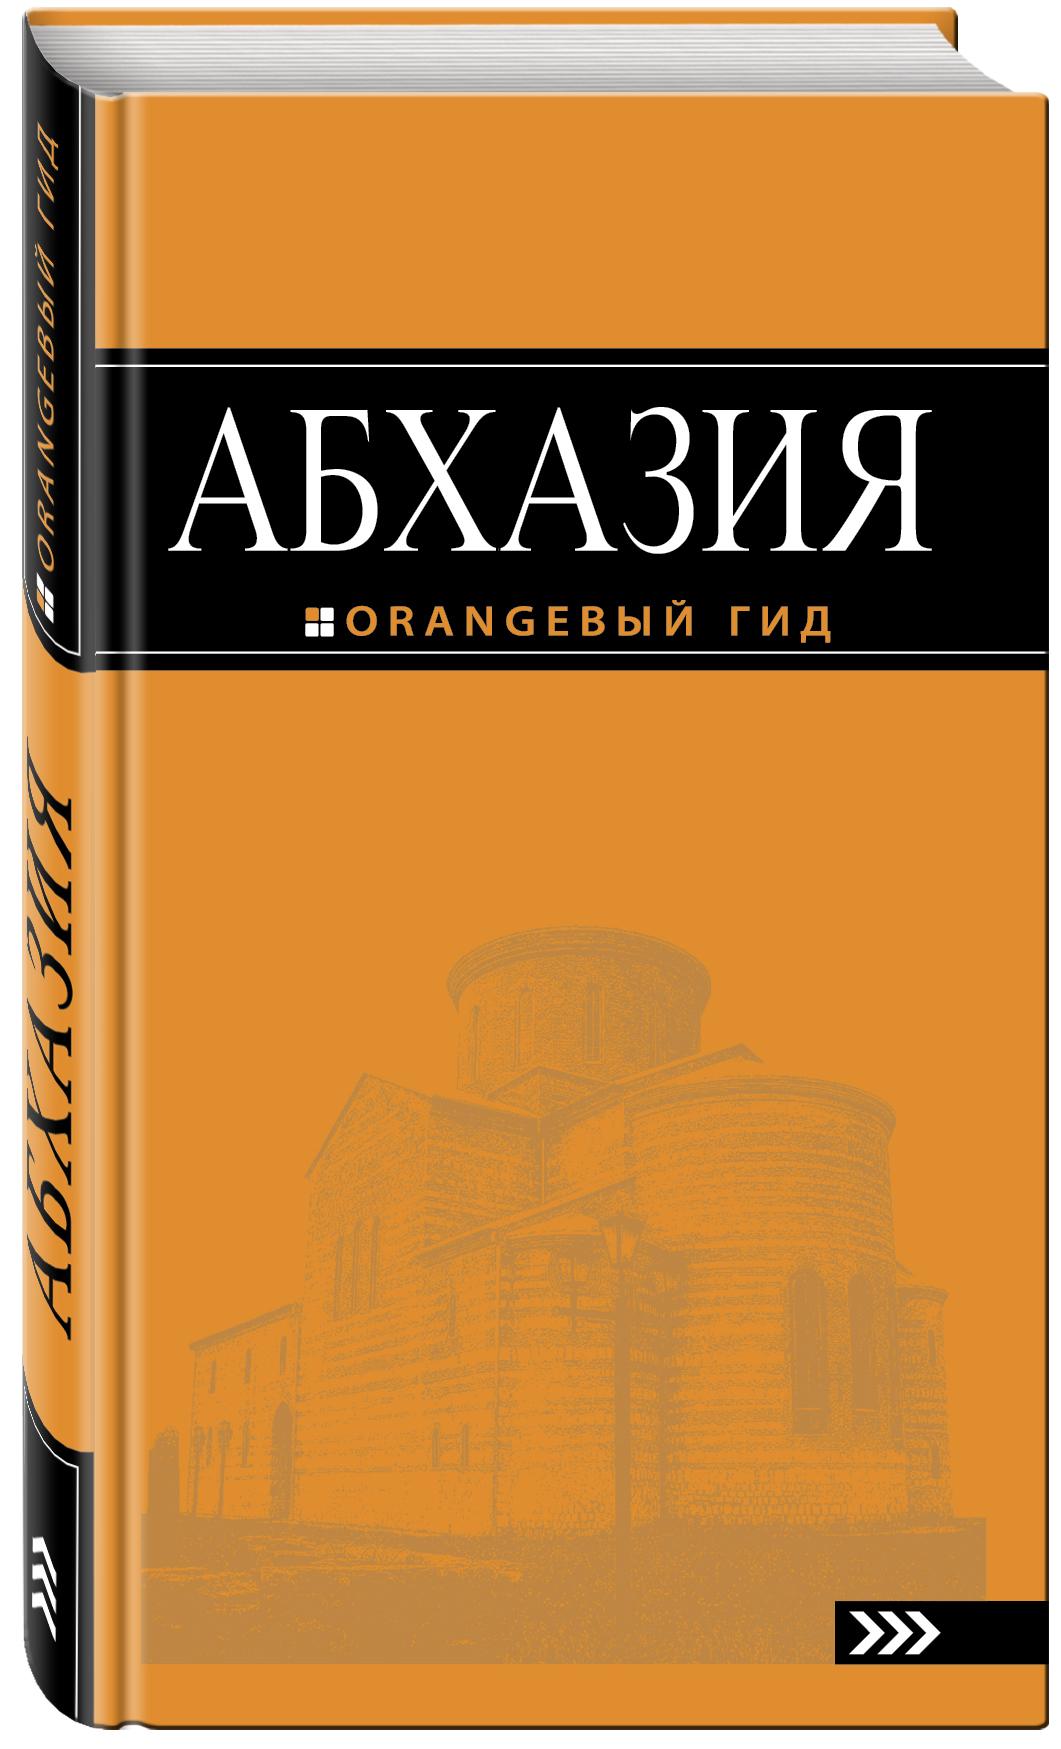 Анна Романова, Анна Сусид Абхазия : путеводитель. 2-е изд. доп. и испр.